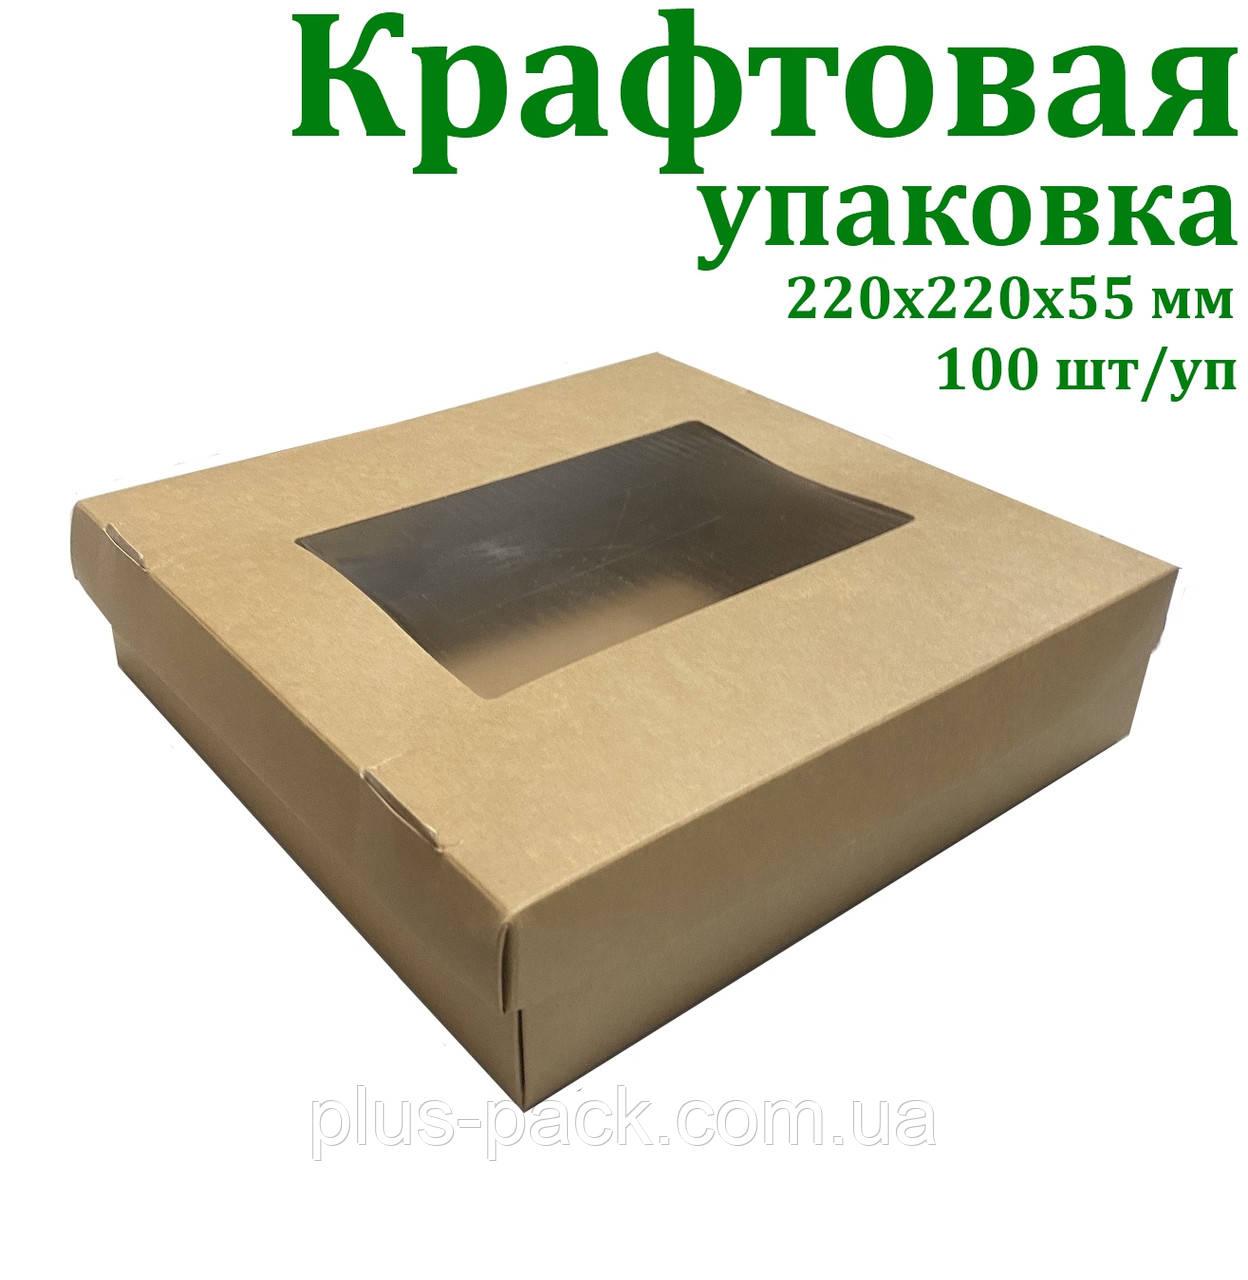 Упаковка для пироженого